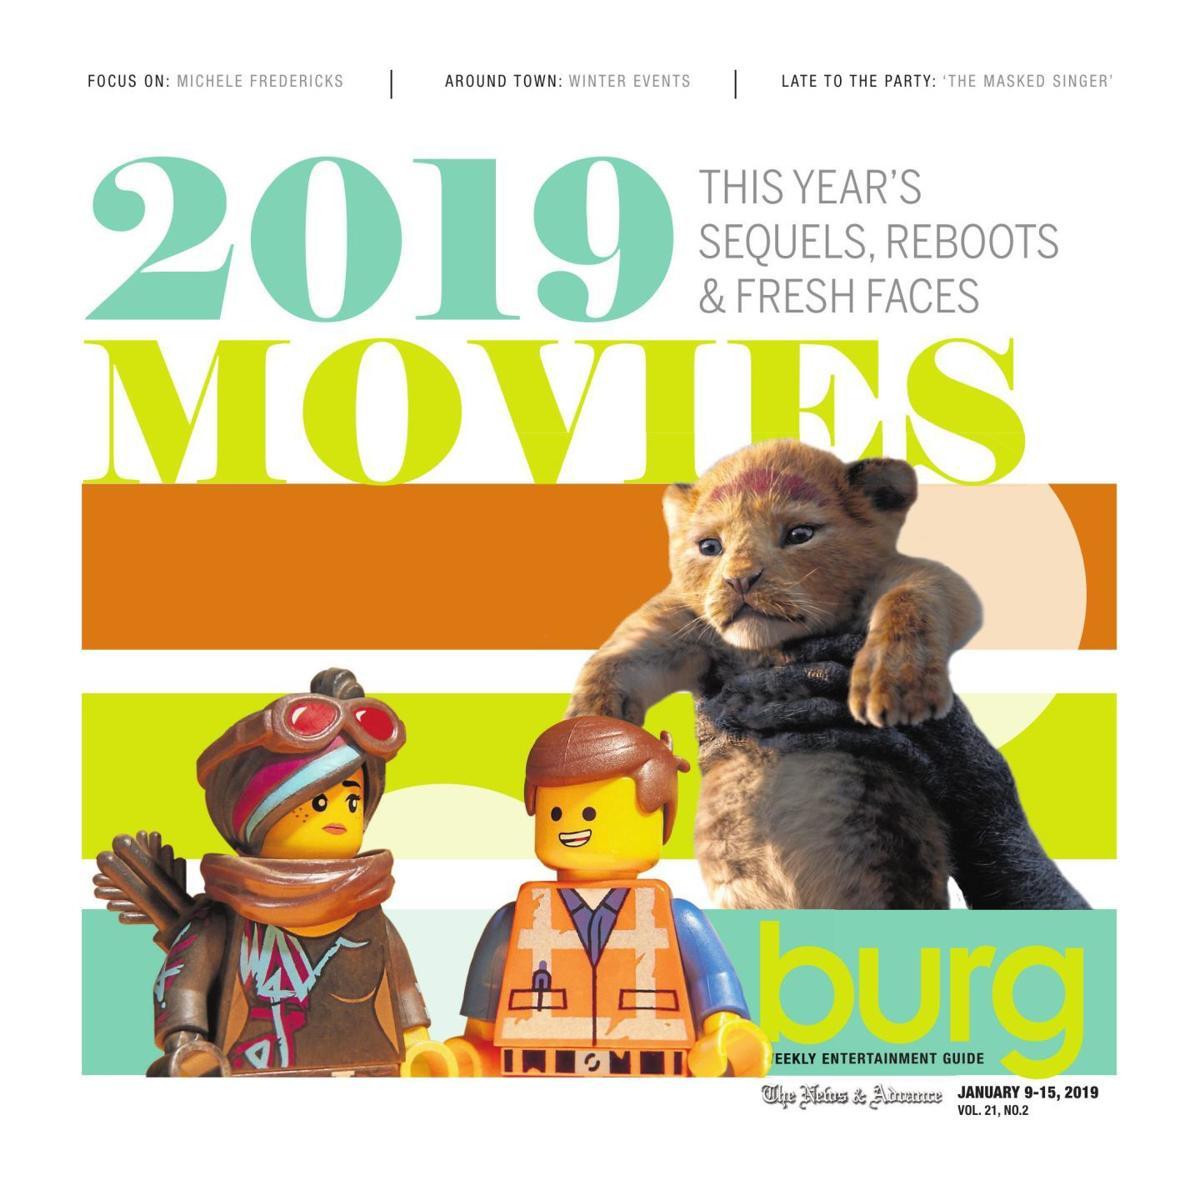 1 - Jan. 9 - 2019 movies